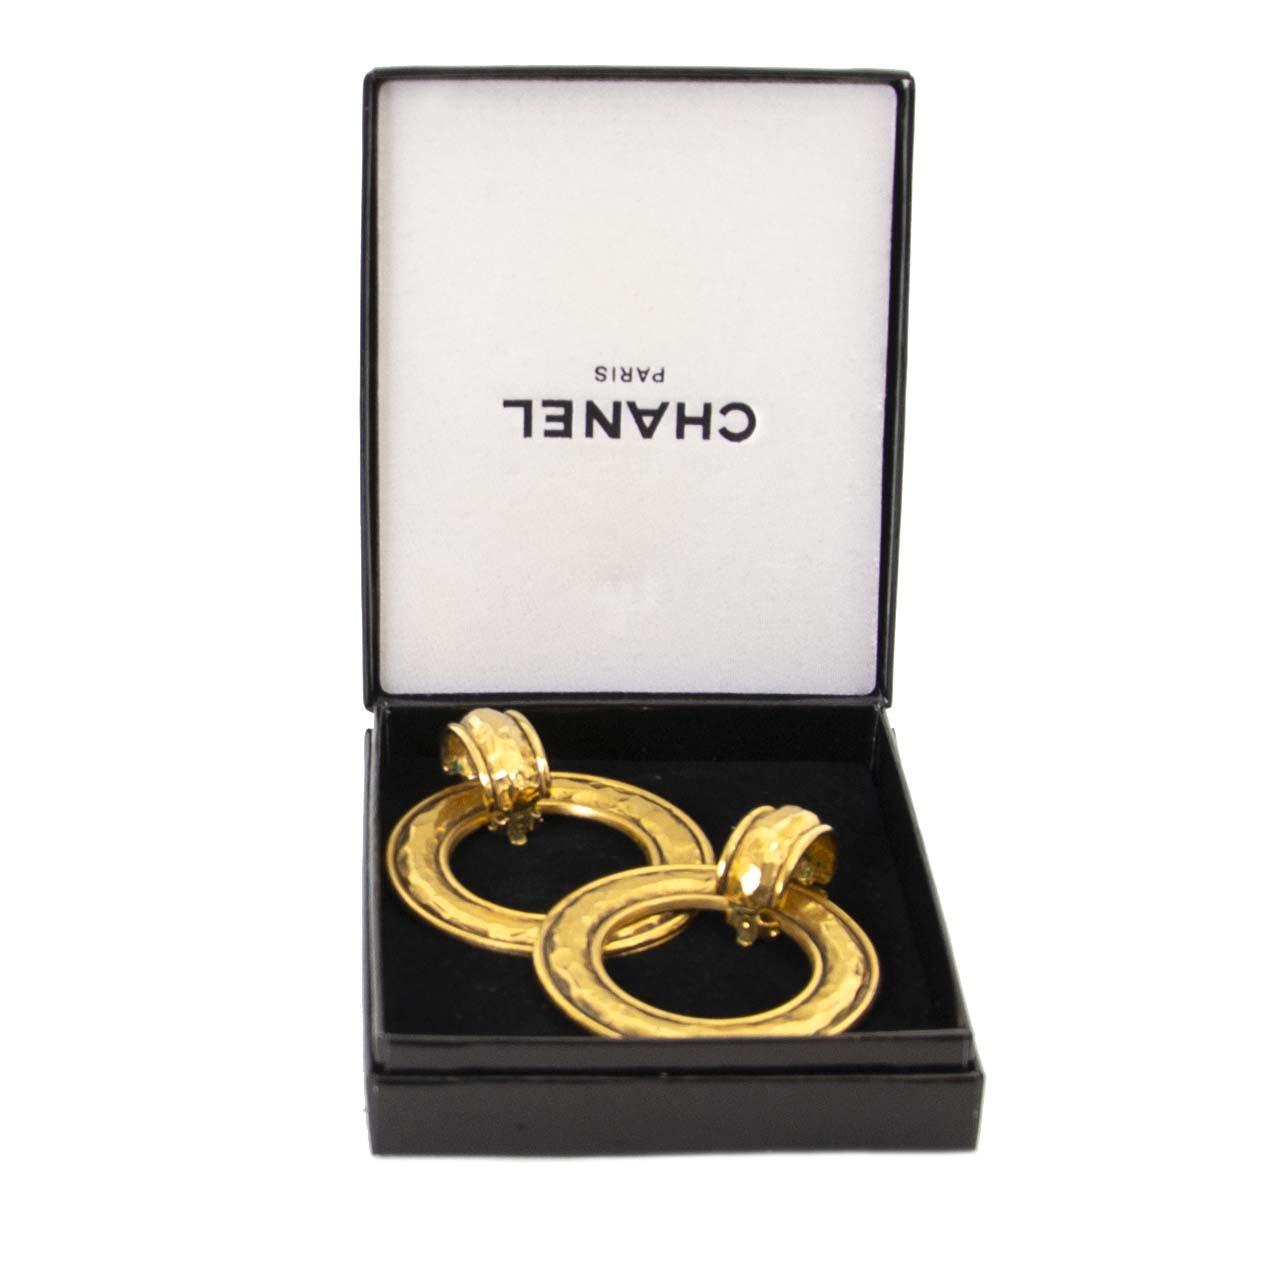 cdab45107646 ... Authentique vintage Chanel Golden Hoop Earrings achète en ligne webshop  LabelLOV